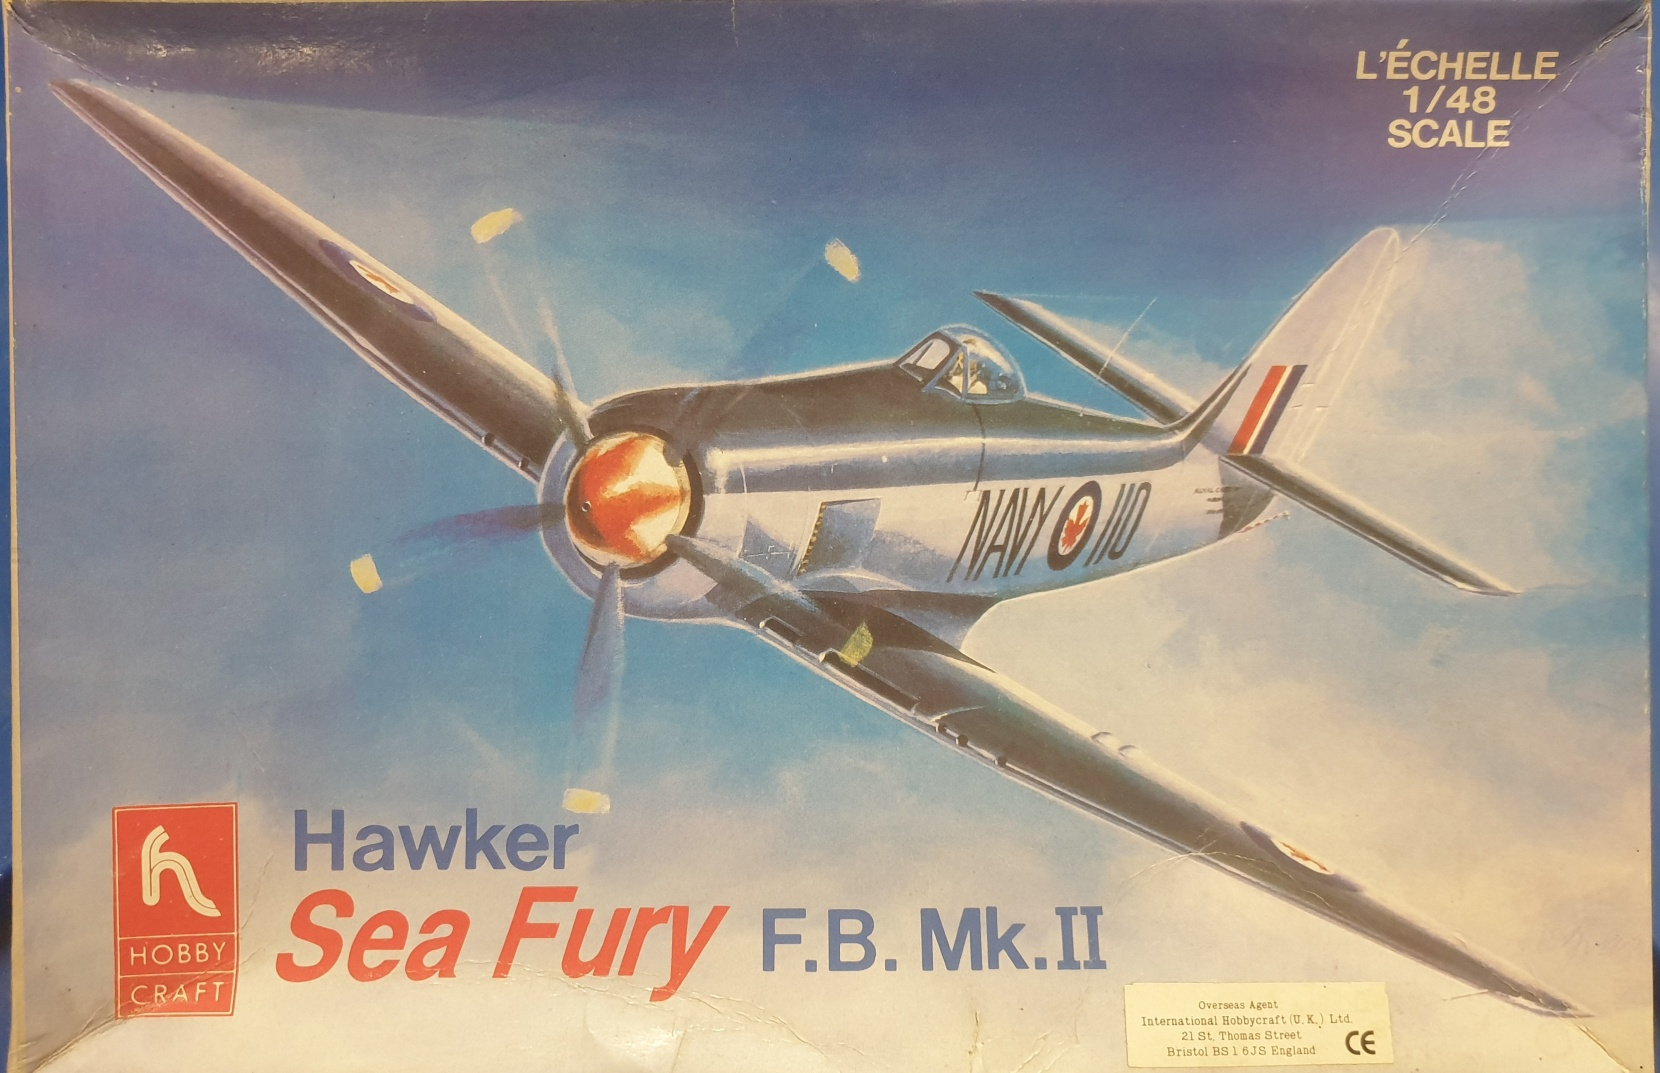 4 Hobby Craft HC1583 Hawker Sea Fury F.B. Mk.II